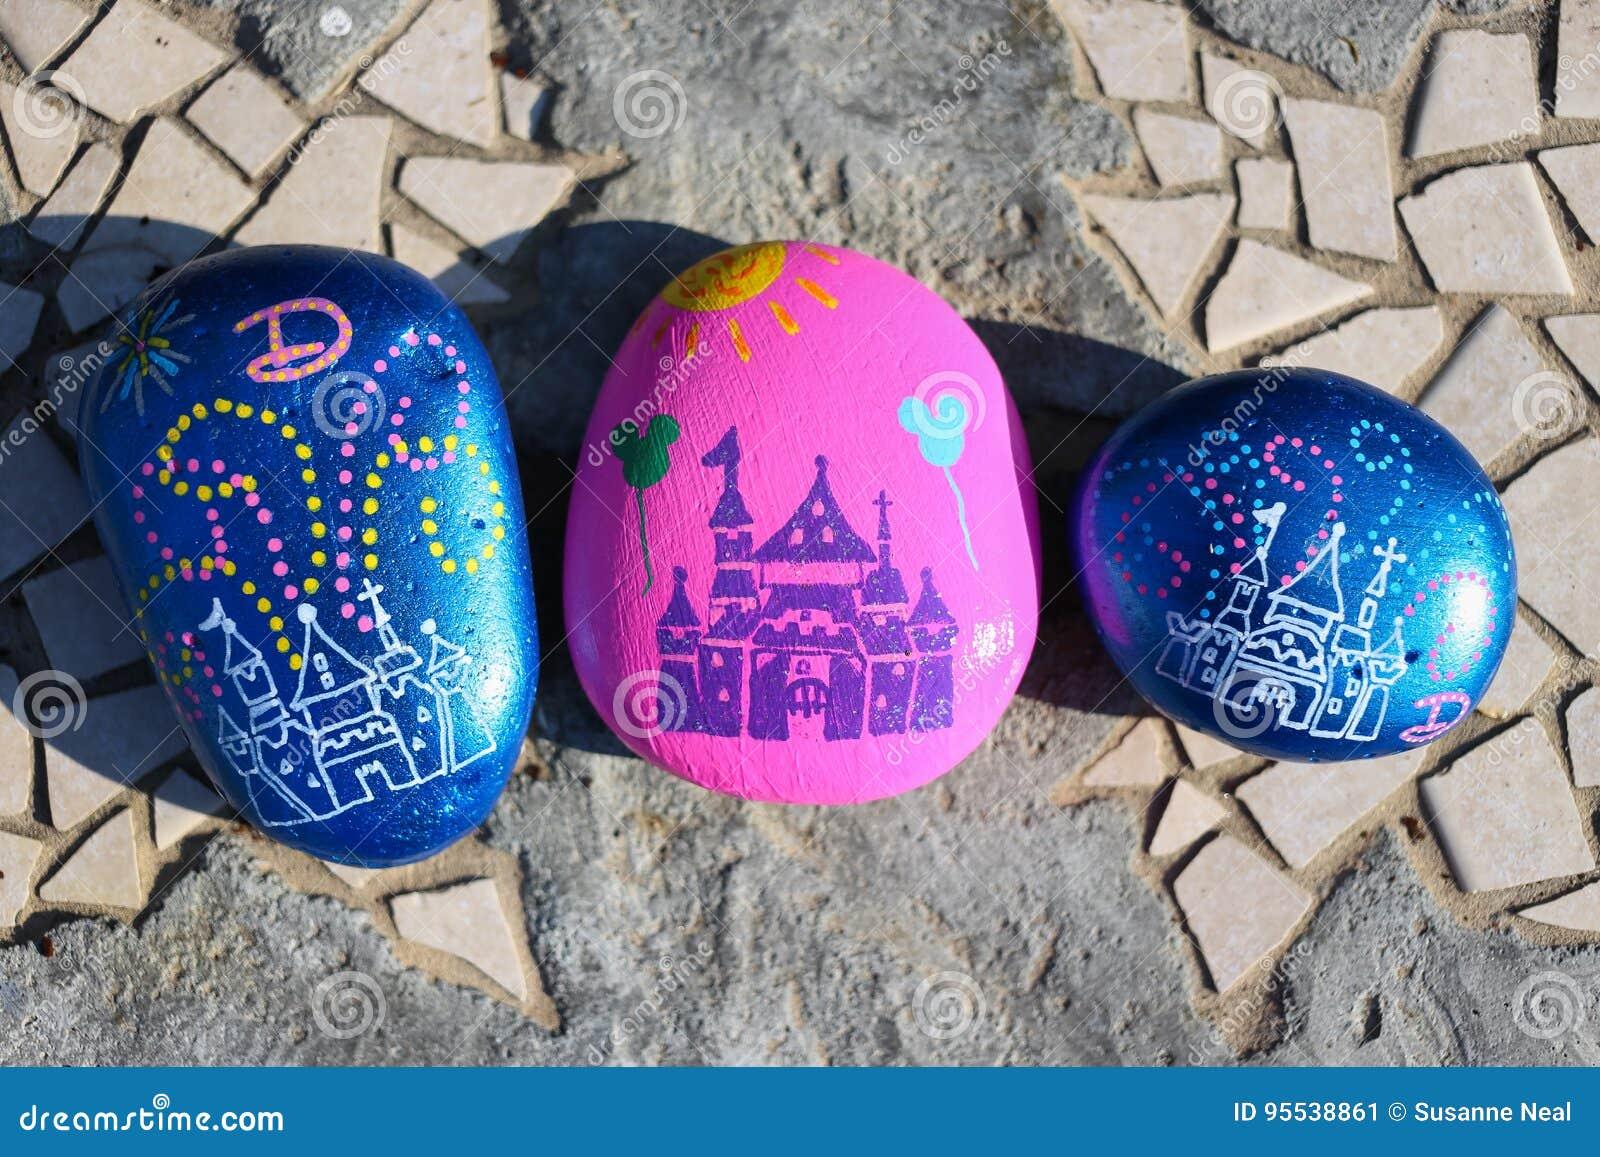 Drie geschilderde rotsen die op het kasteel lijken in Disneyland